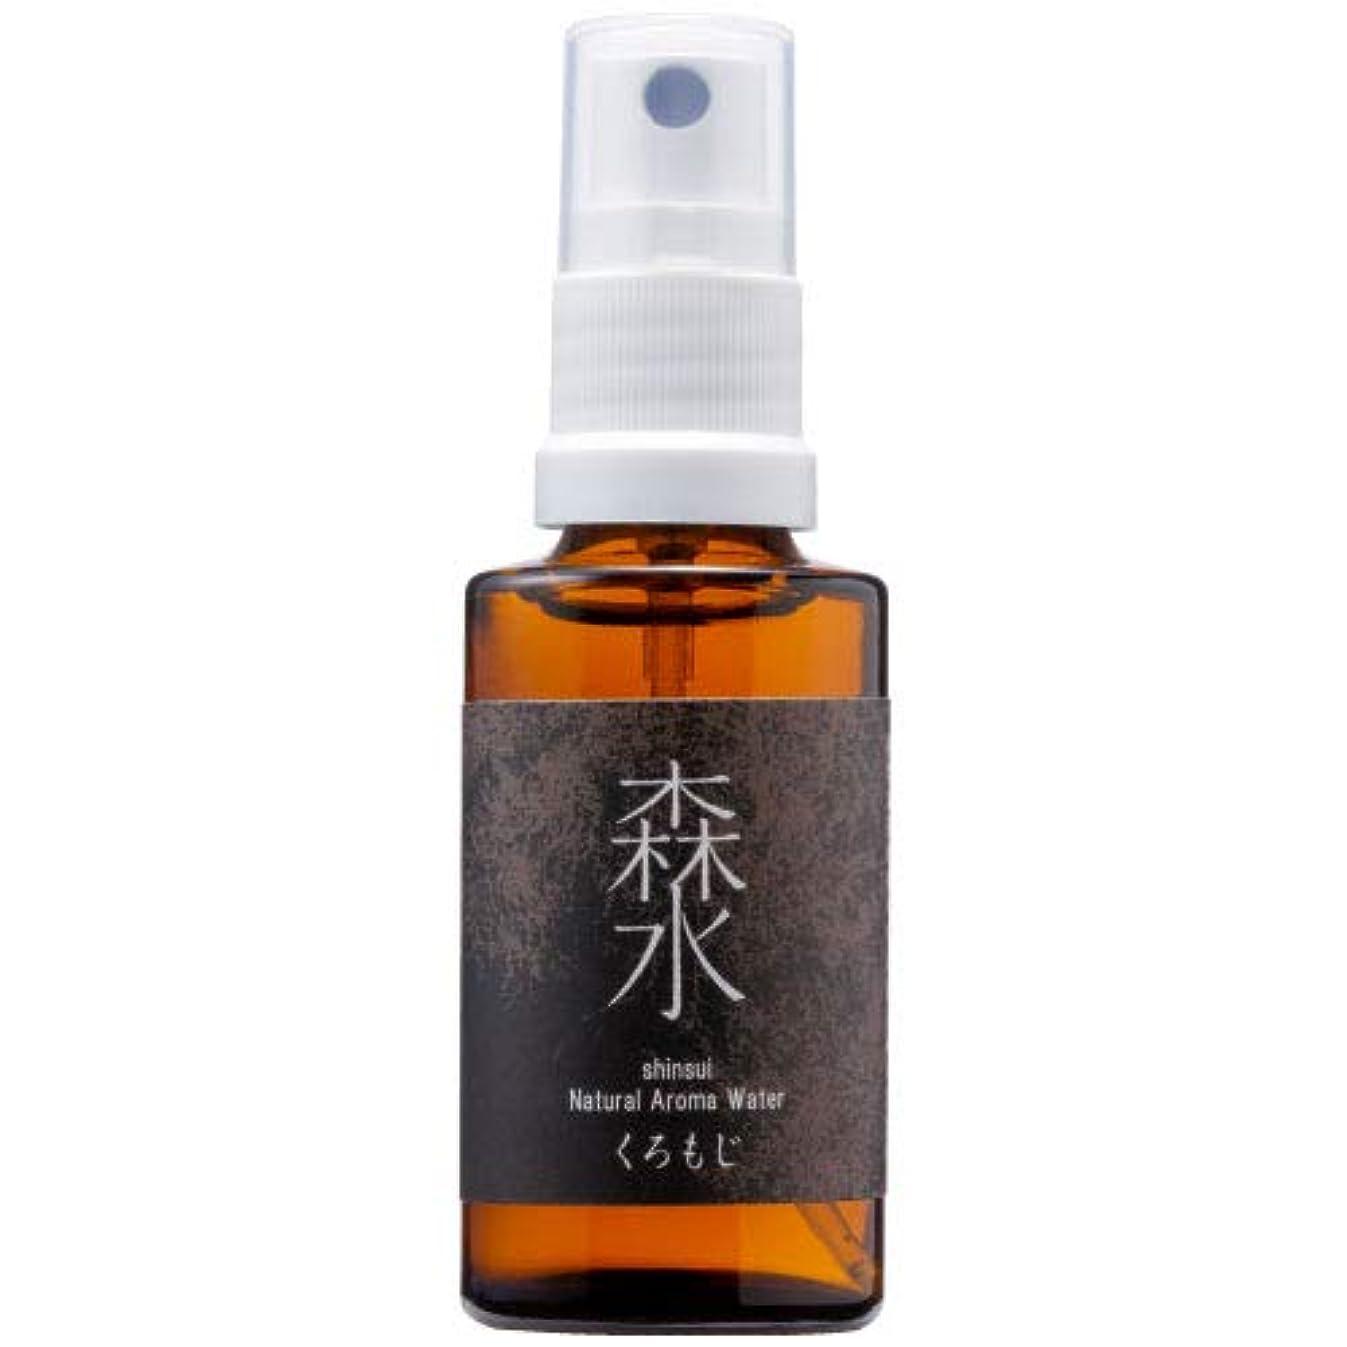 眉をひそめるシャワーシンプルさ森水-SHINSUI シンスイ-くろもじアロマウォーター20ml